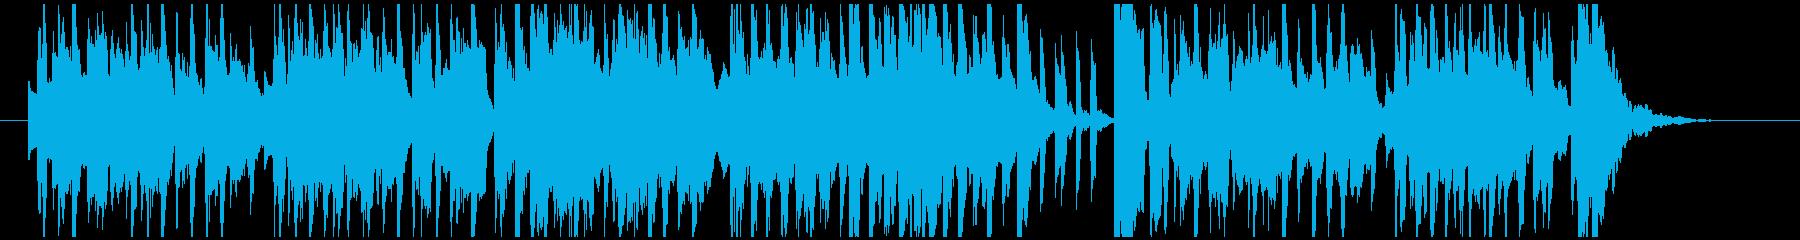 愉快な雰囲気のベルの小曲の再生済みの波形